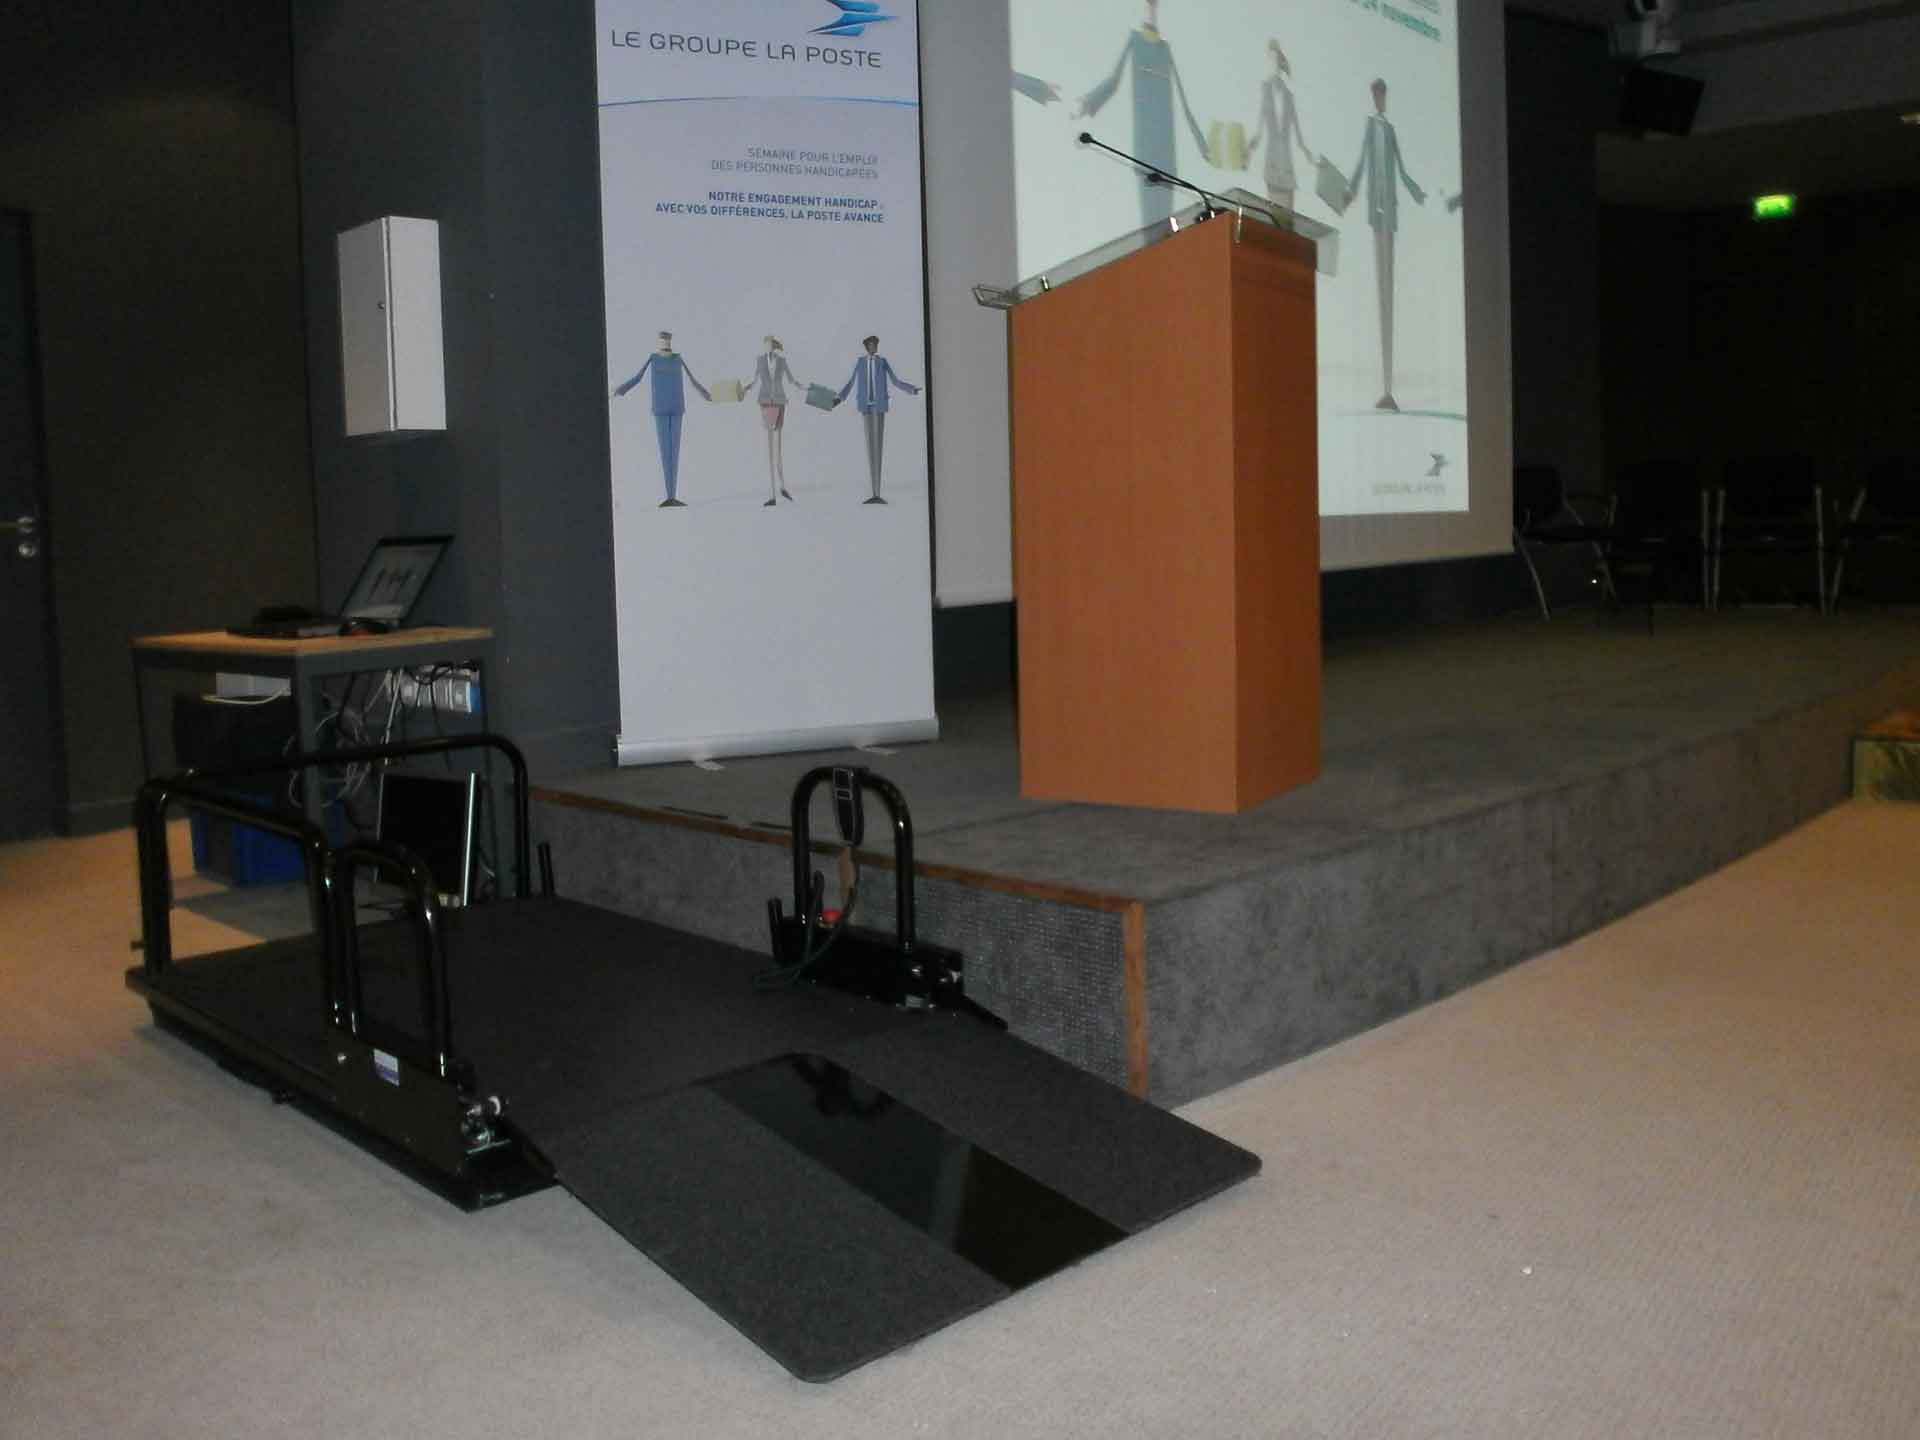 Louer une plateforme élévatrice électrique pour pmr et handicapés, idéal pour évènement, salons, séminaires, manifestations.